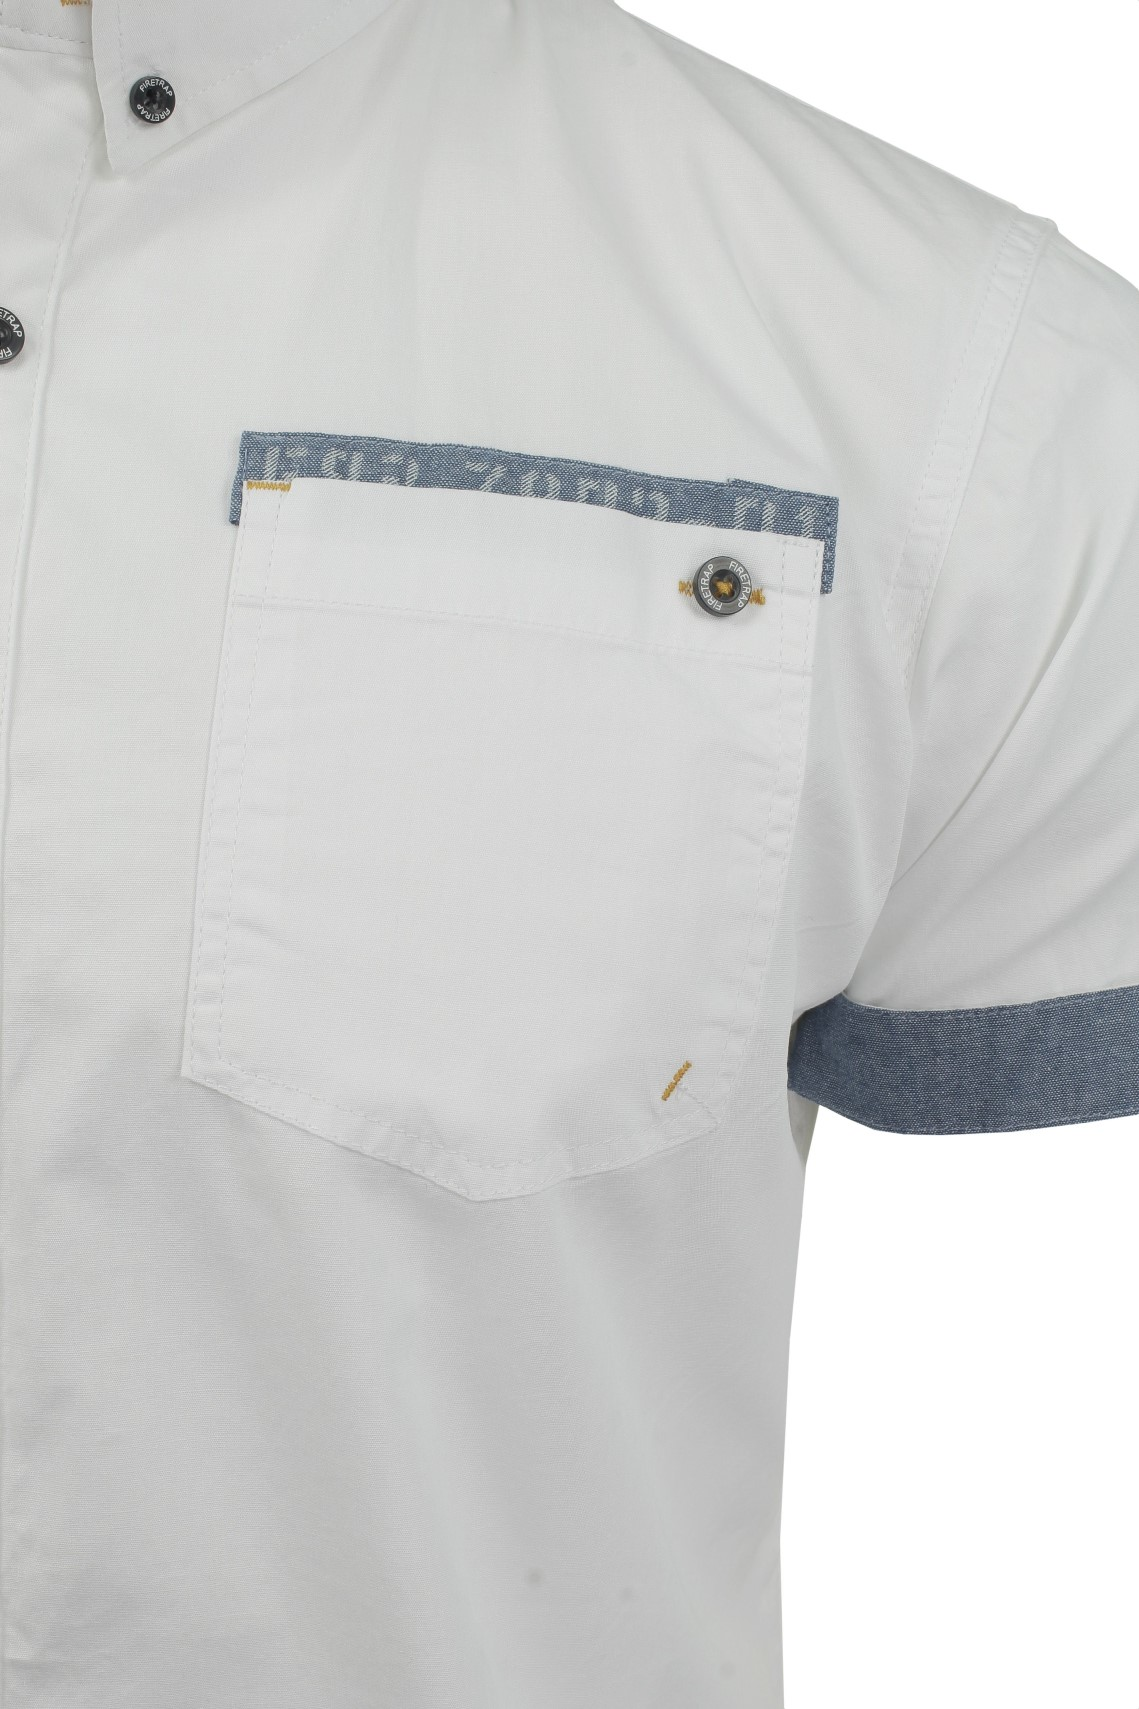 Da-Uomo-Popeline-Camicia-da-Firetrap-039-lanover-039-a-maniche-corte-Slim-Fit miniatura 19